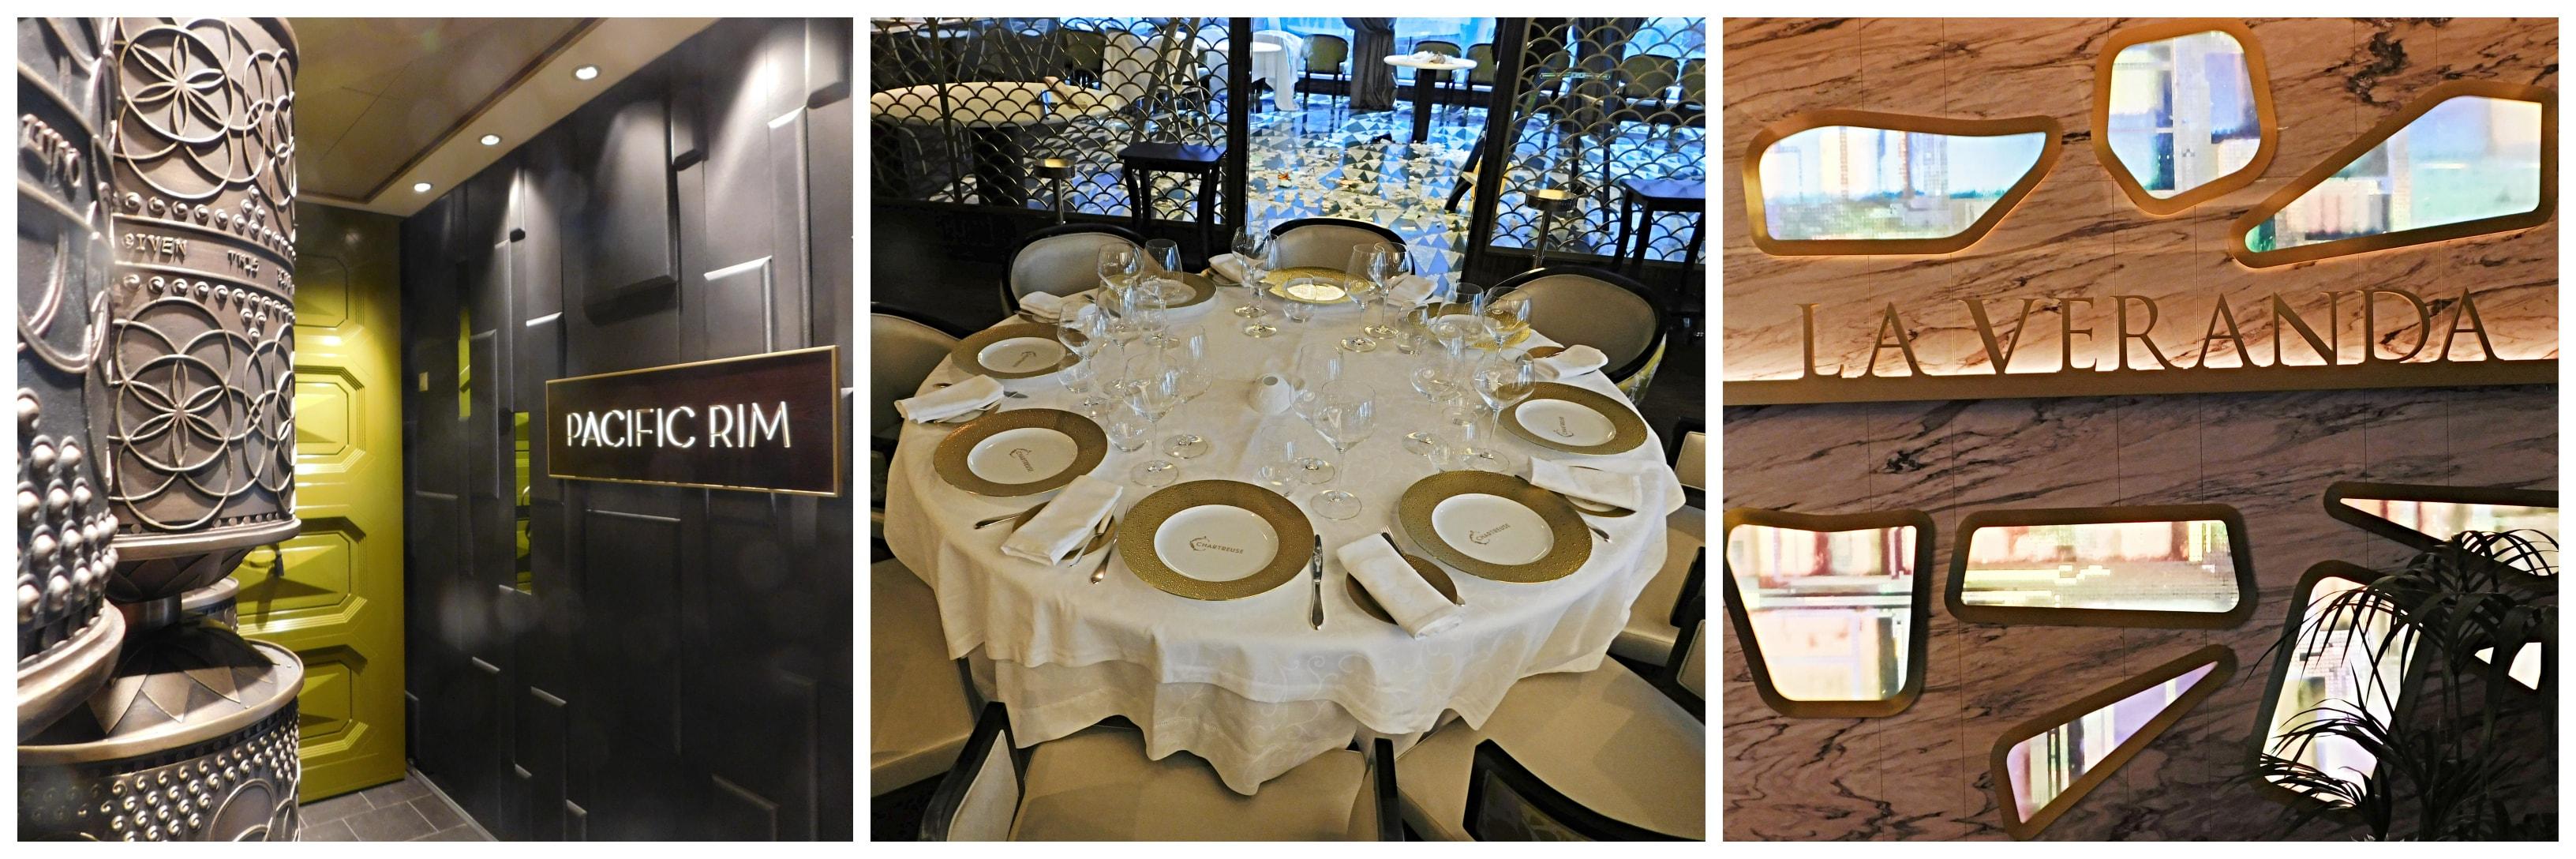 Restaurants der Seven Seas Explorer (Pacific Rim, Chartreuse, La Veranda)